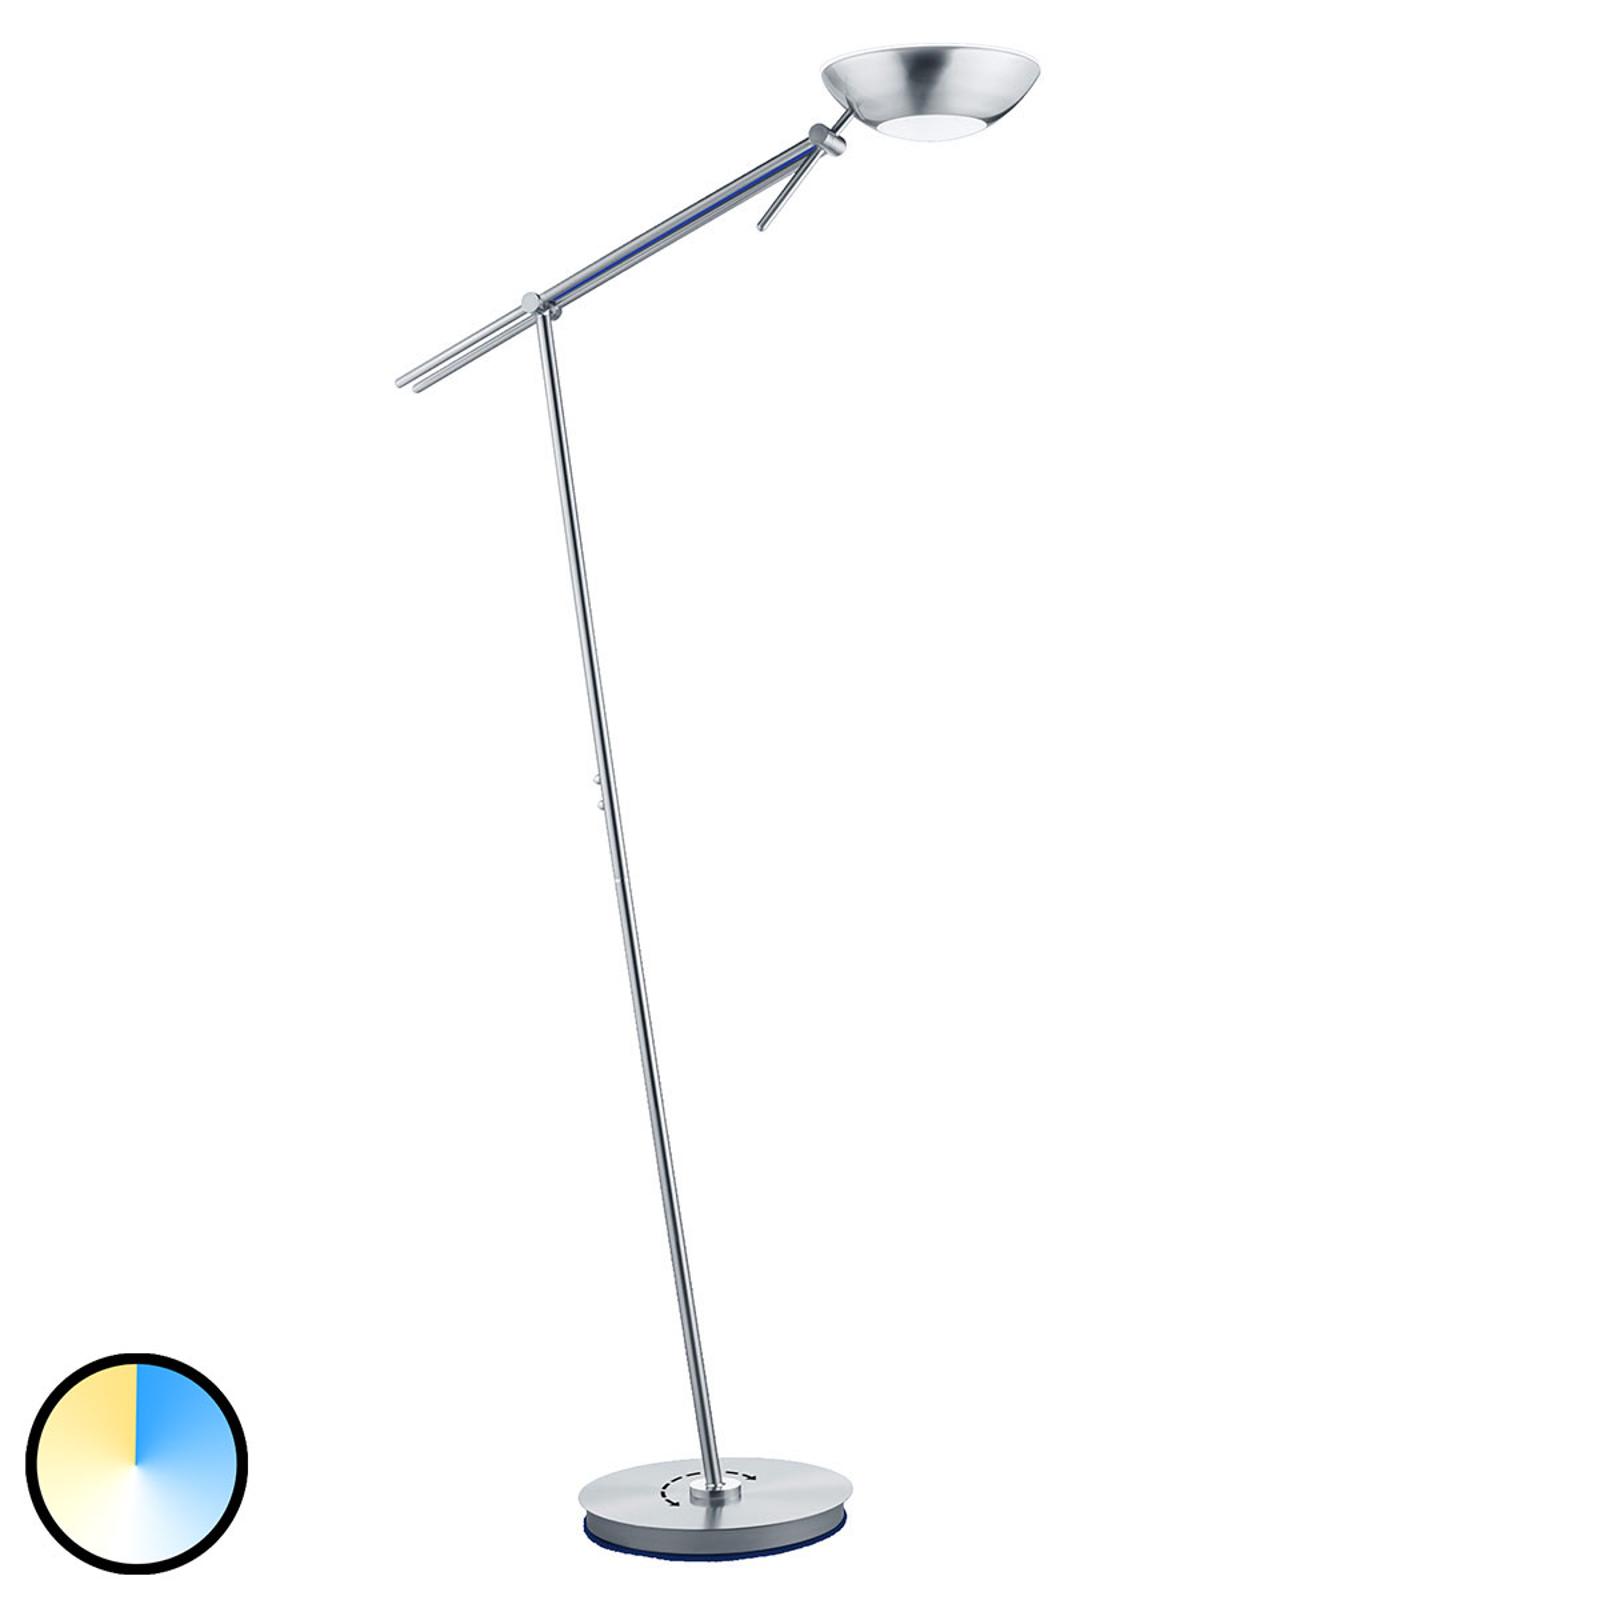 B-Leuchten Reus vloerlamp, varieerbaar